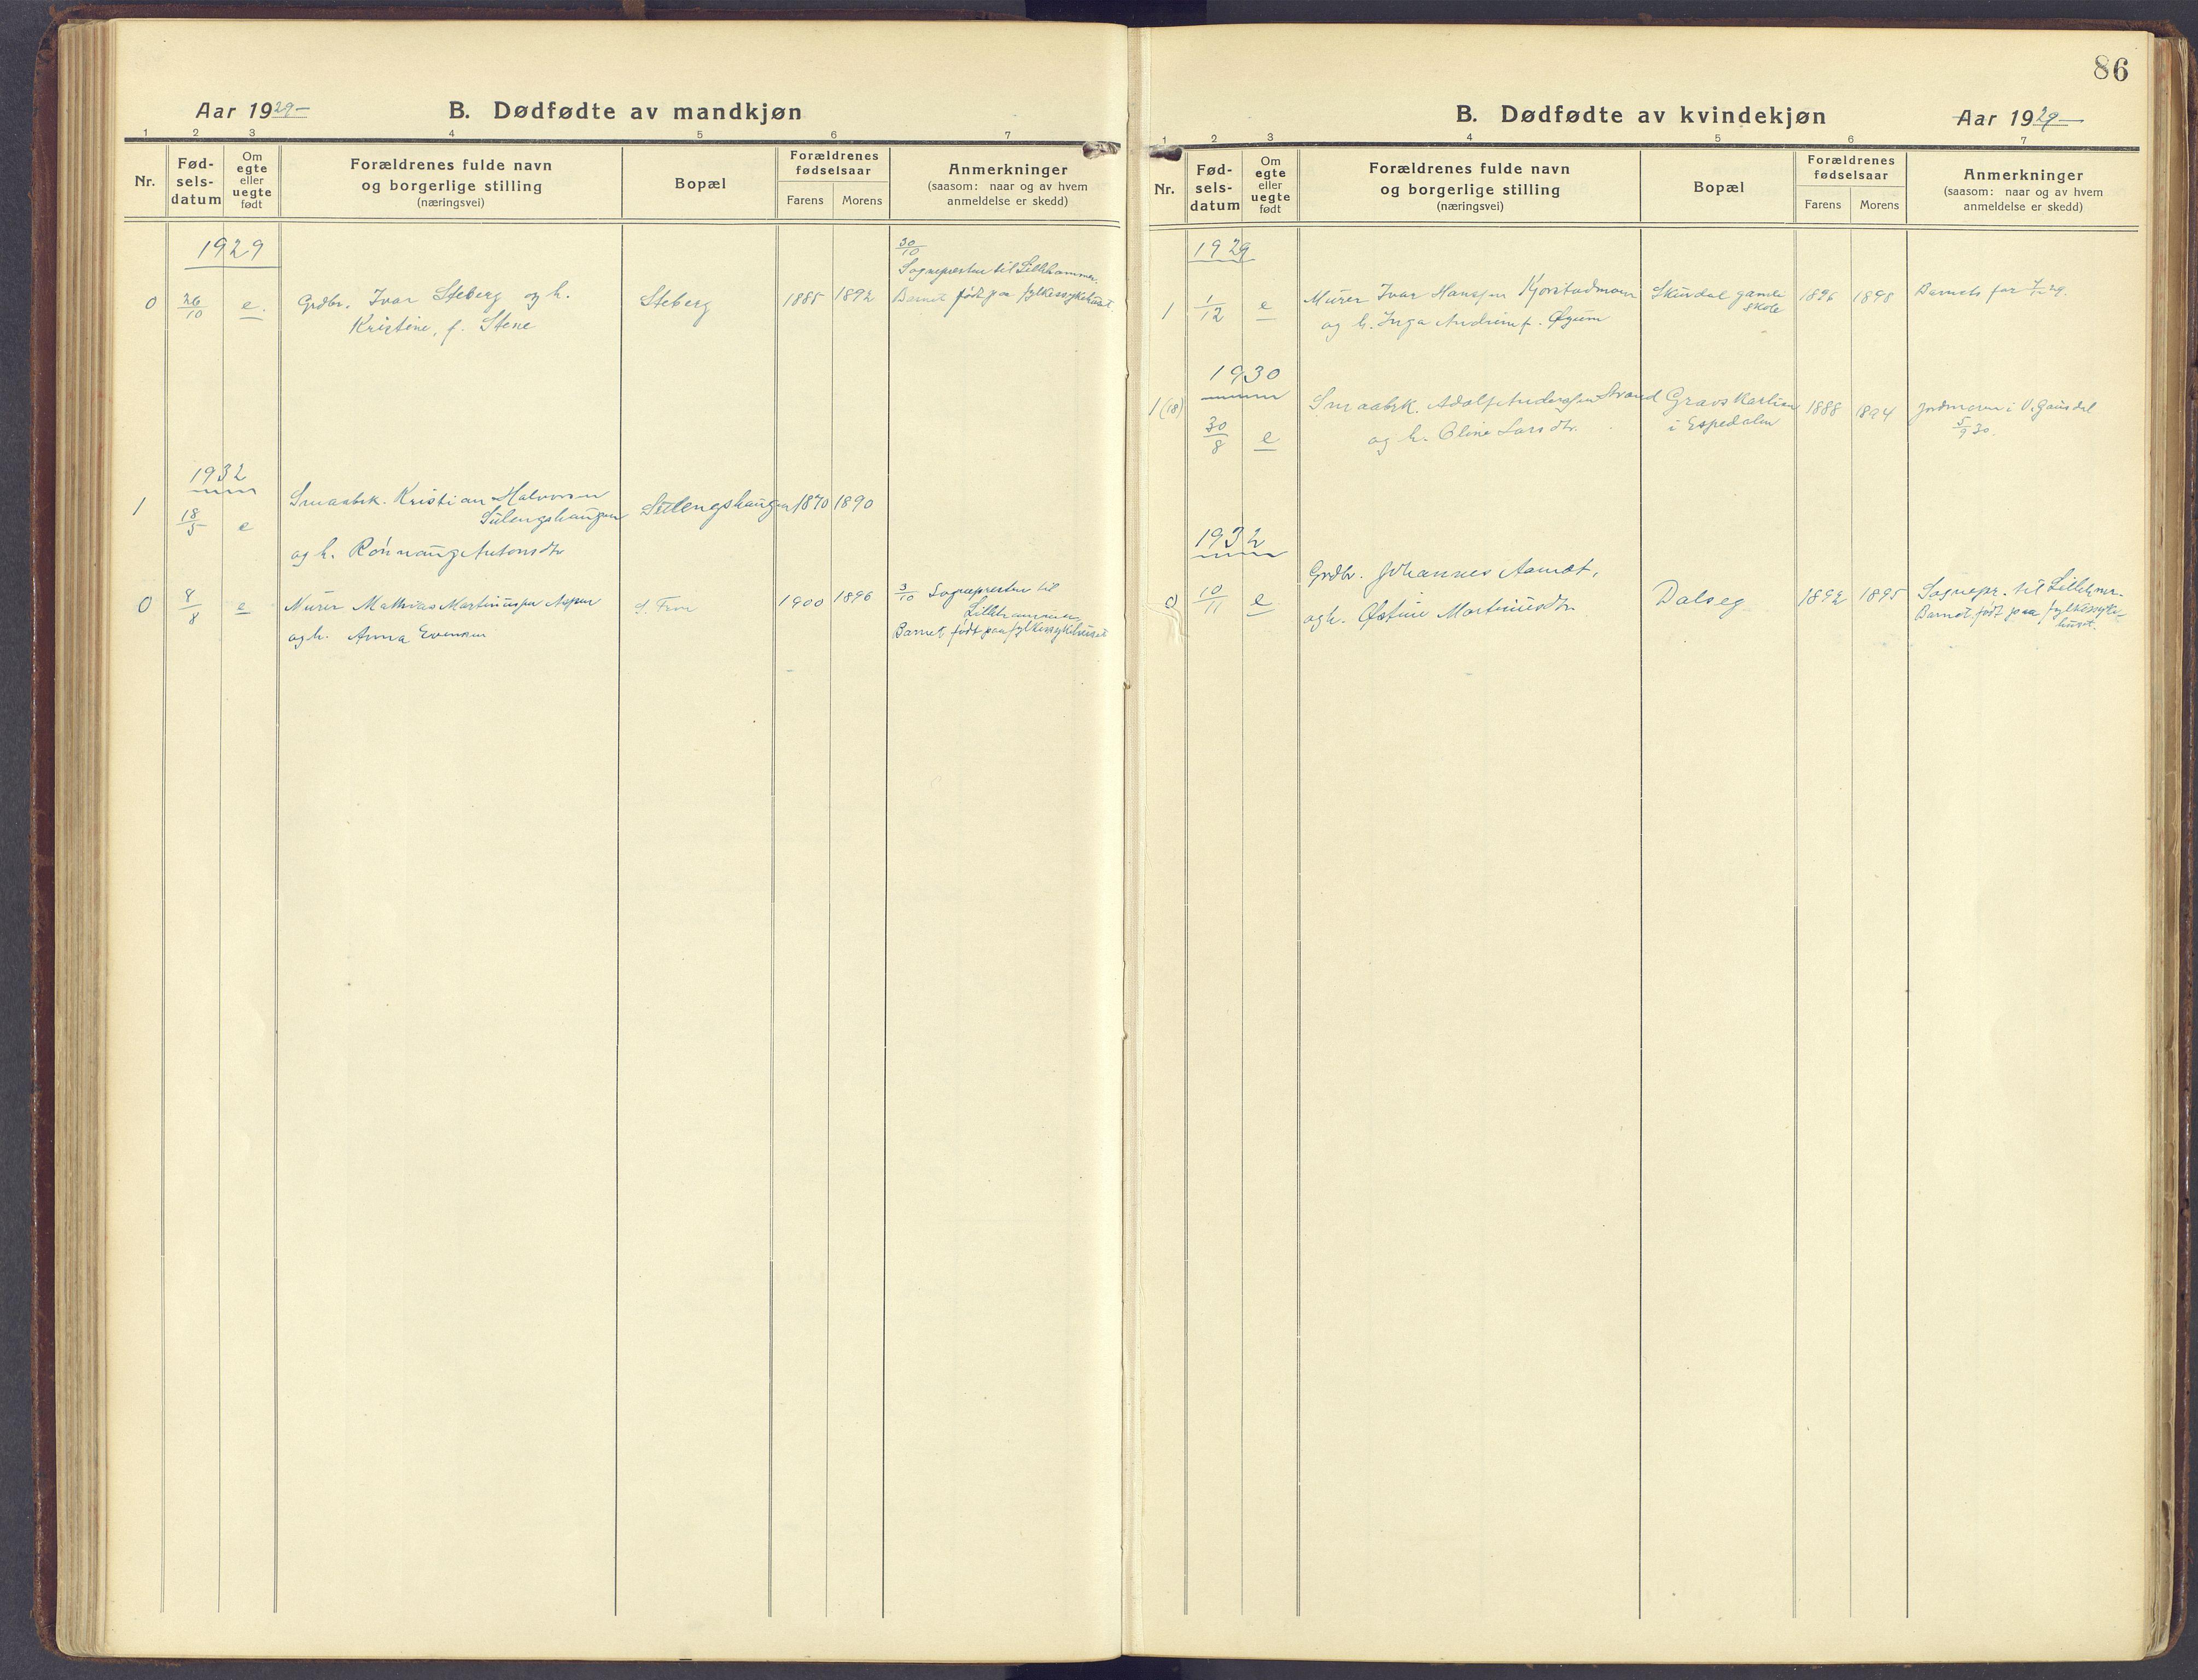 SAH, Sør-Fron prestekontor, H/Ha/Haa/L0005: Ministerialbok nr. 5, 1920-1933, s. 86